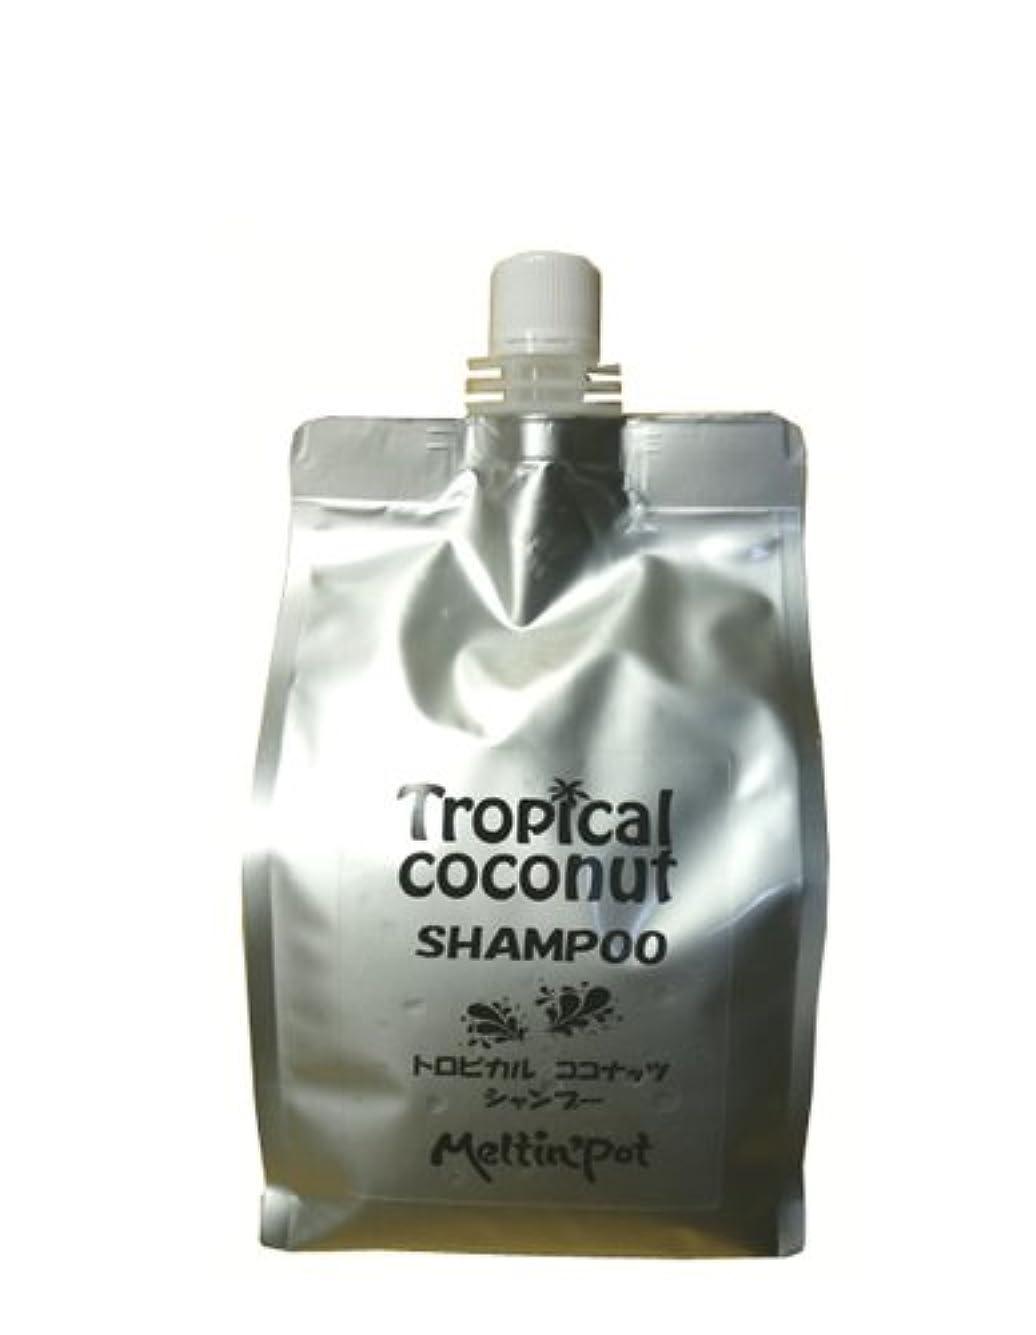 大気専門用語プレビュートロピカルココナッツ シャンプー 詰め替え 1000ml  Tropical coconut shampoo